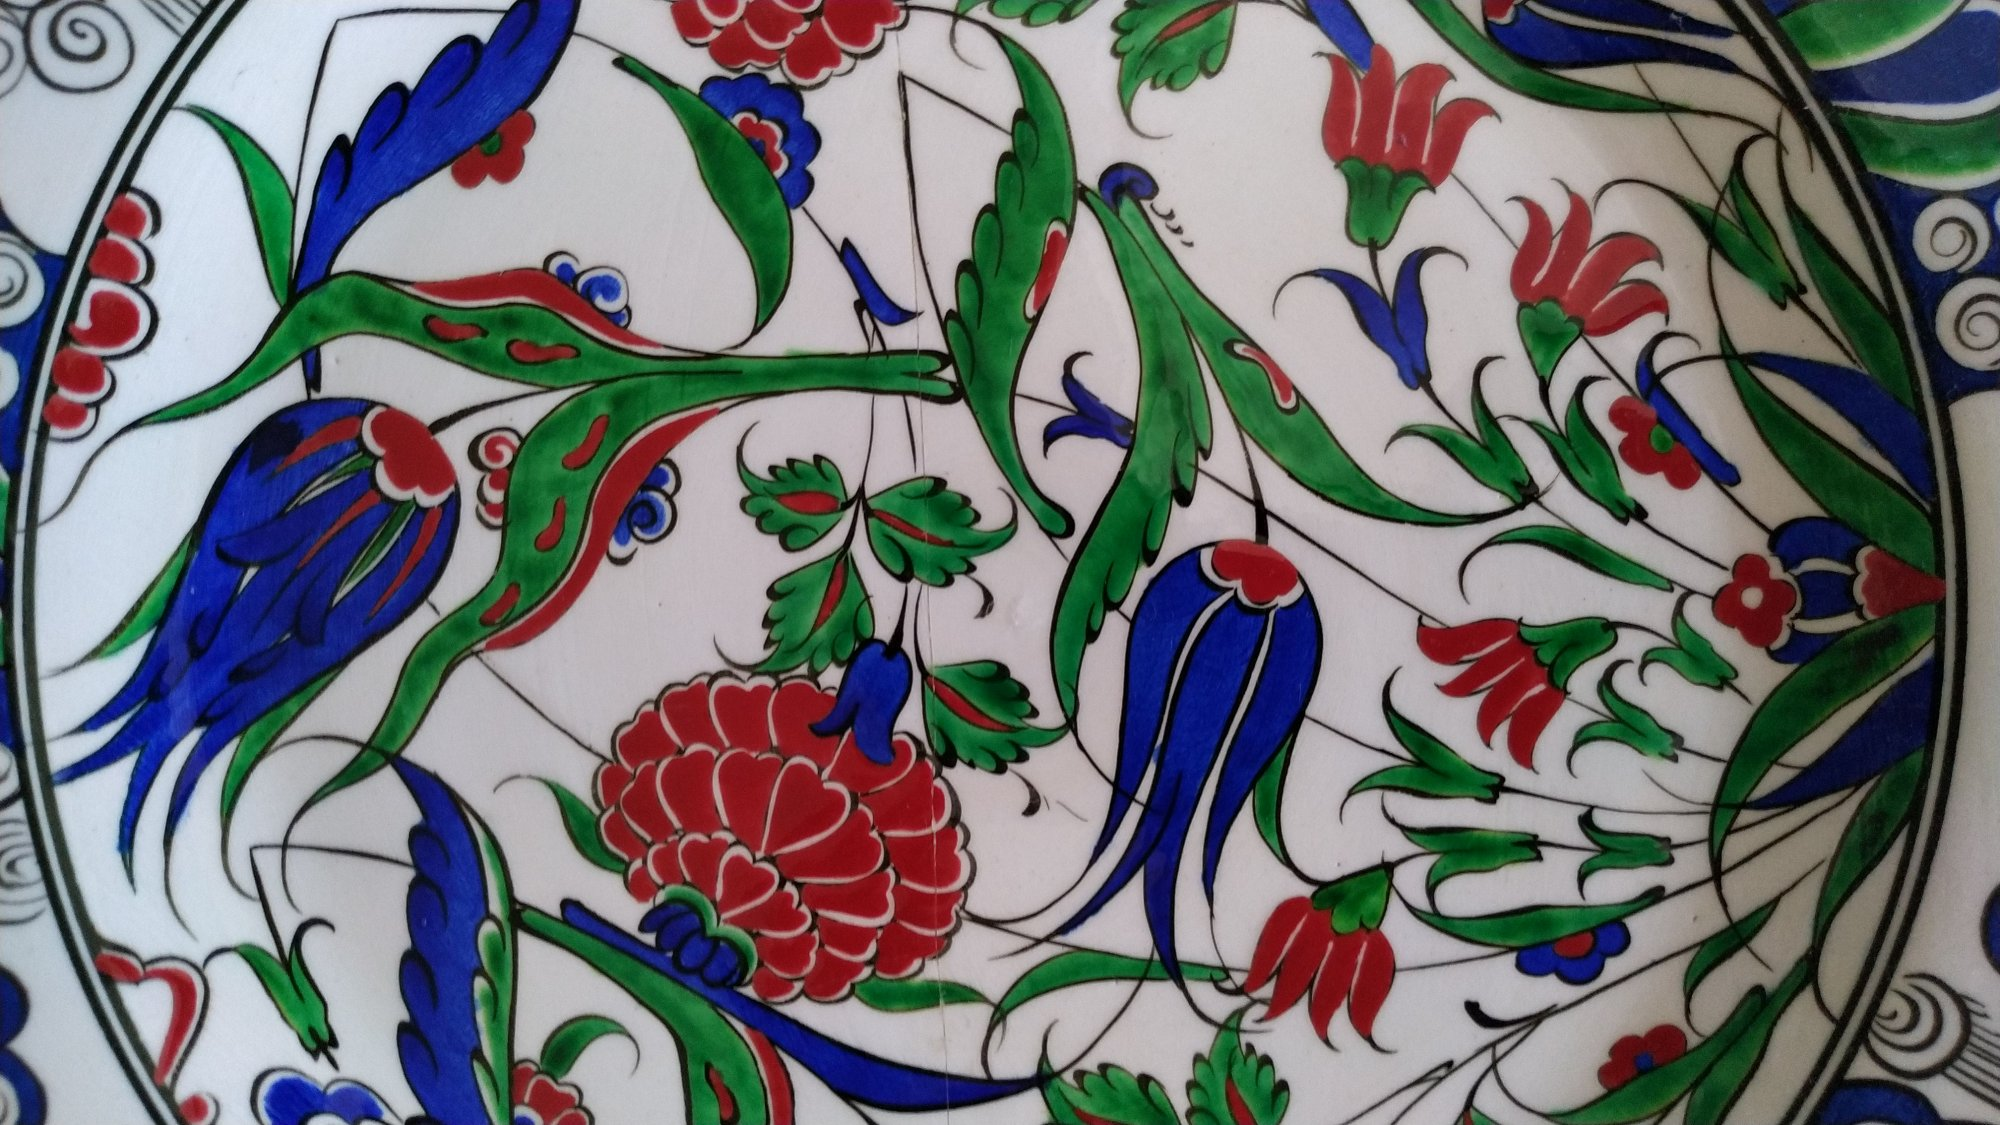 16, Yüzyıl Osmalı Replika Desenli Dekal Logolu Çini Tabaklar Samur Fırça  Klasik Çini Tabaklar